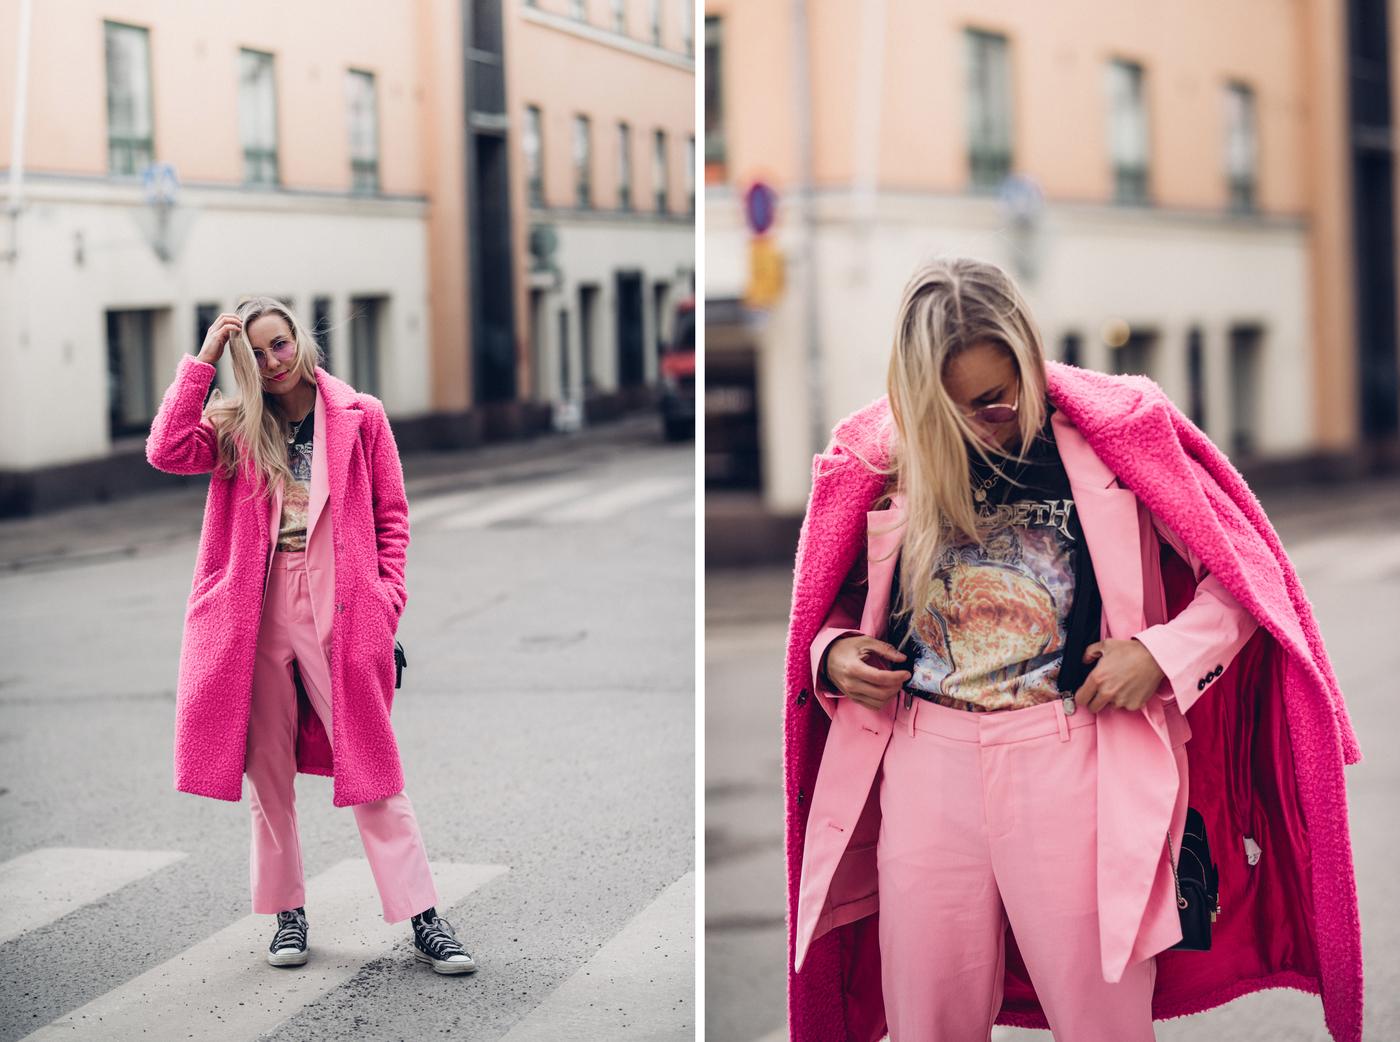 pinksuit.jpg